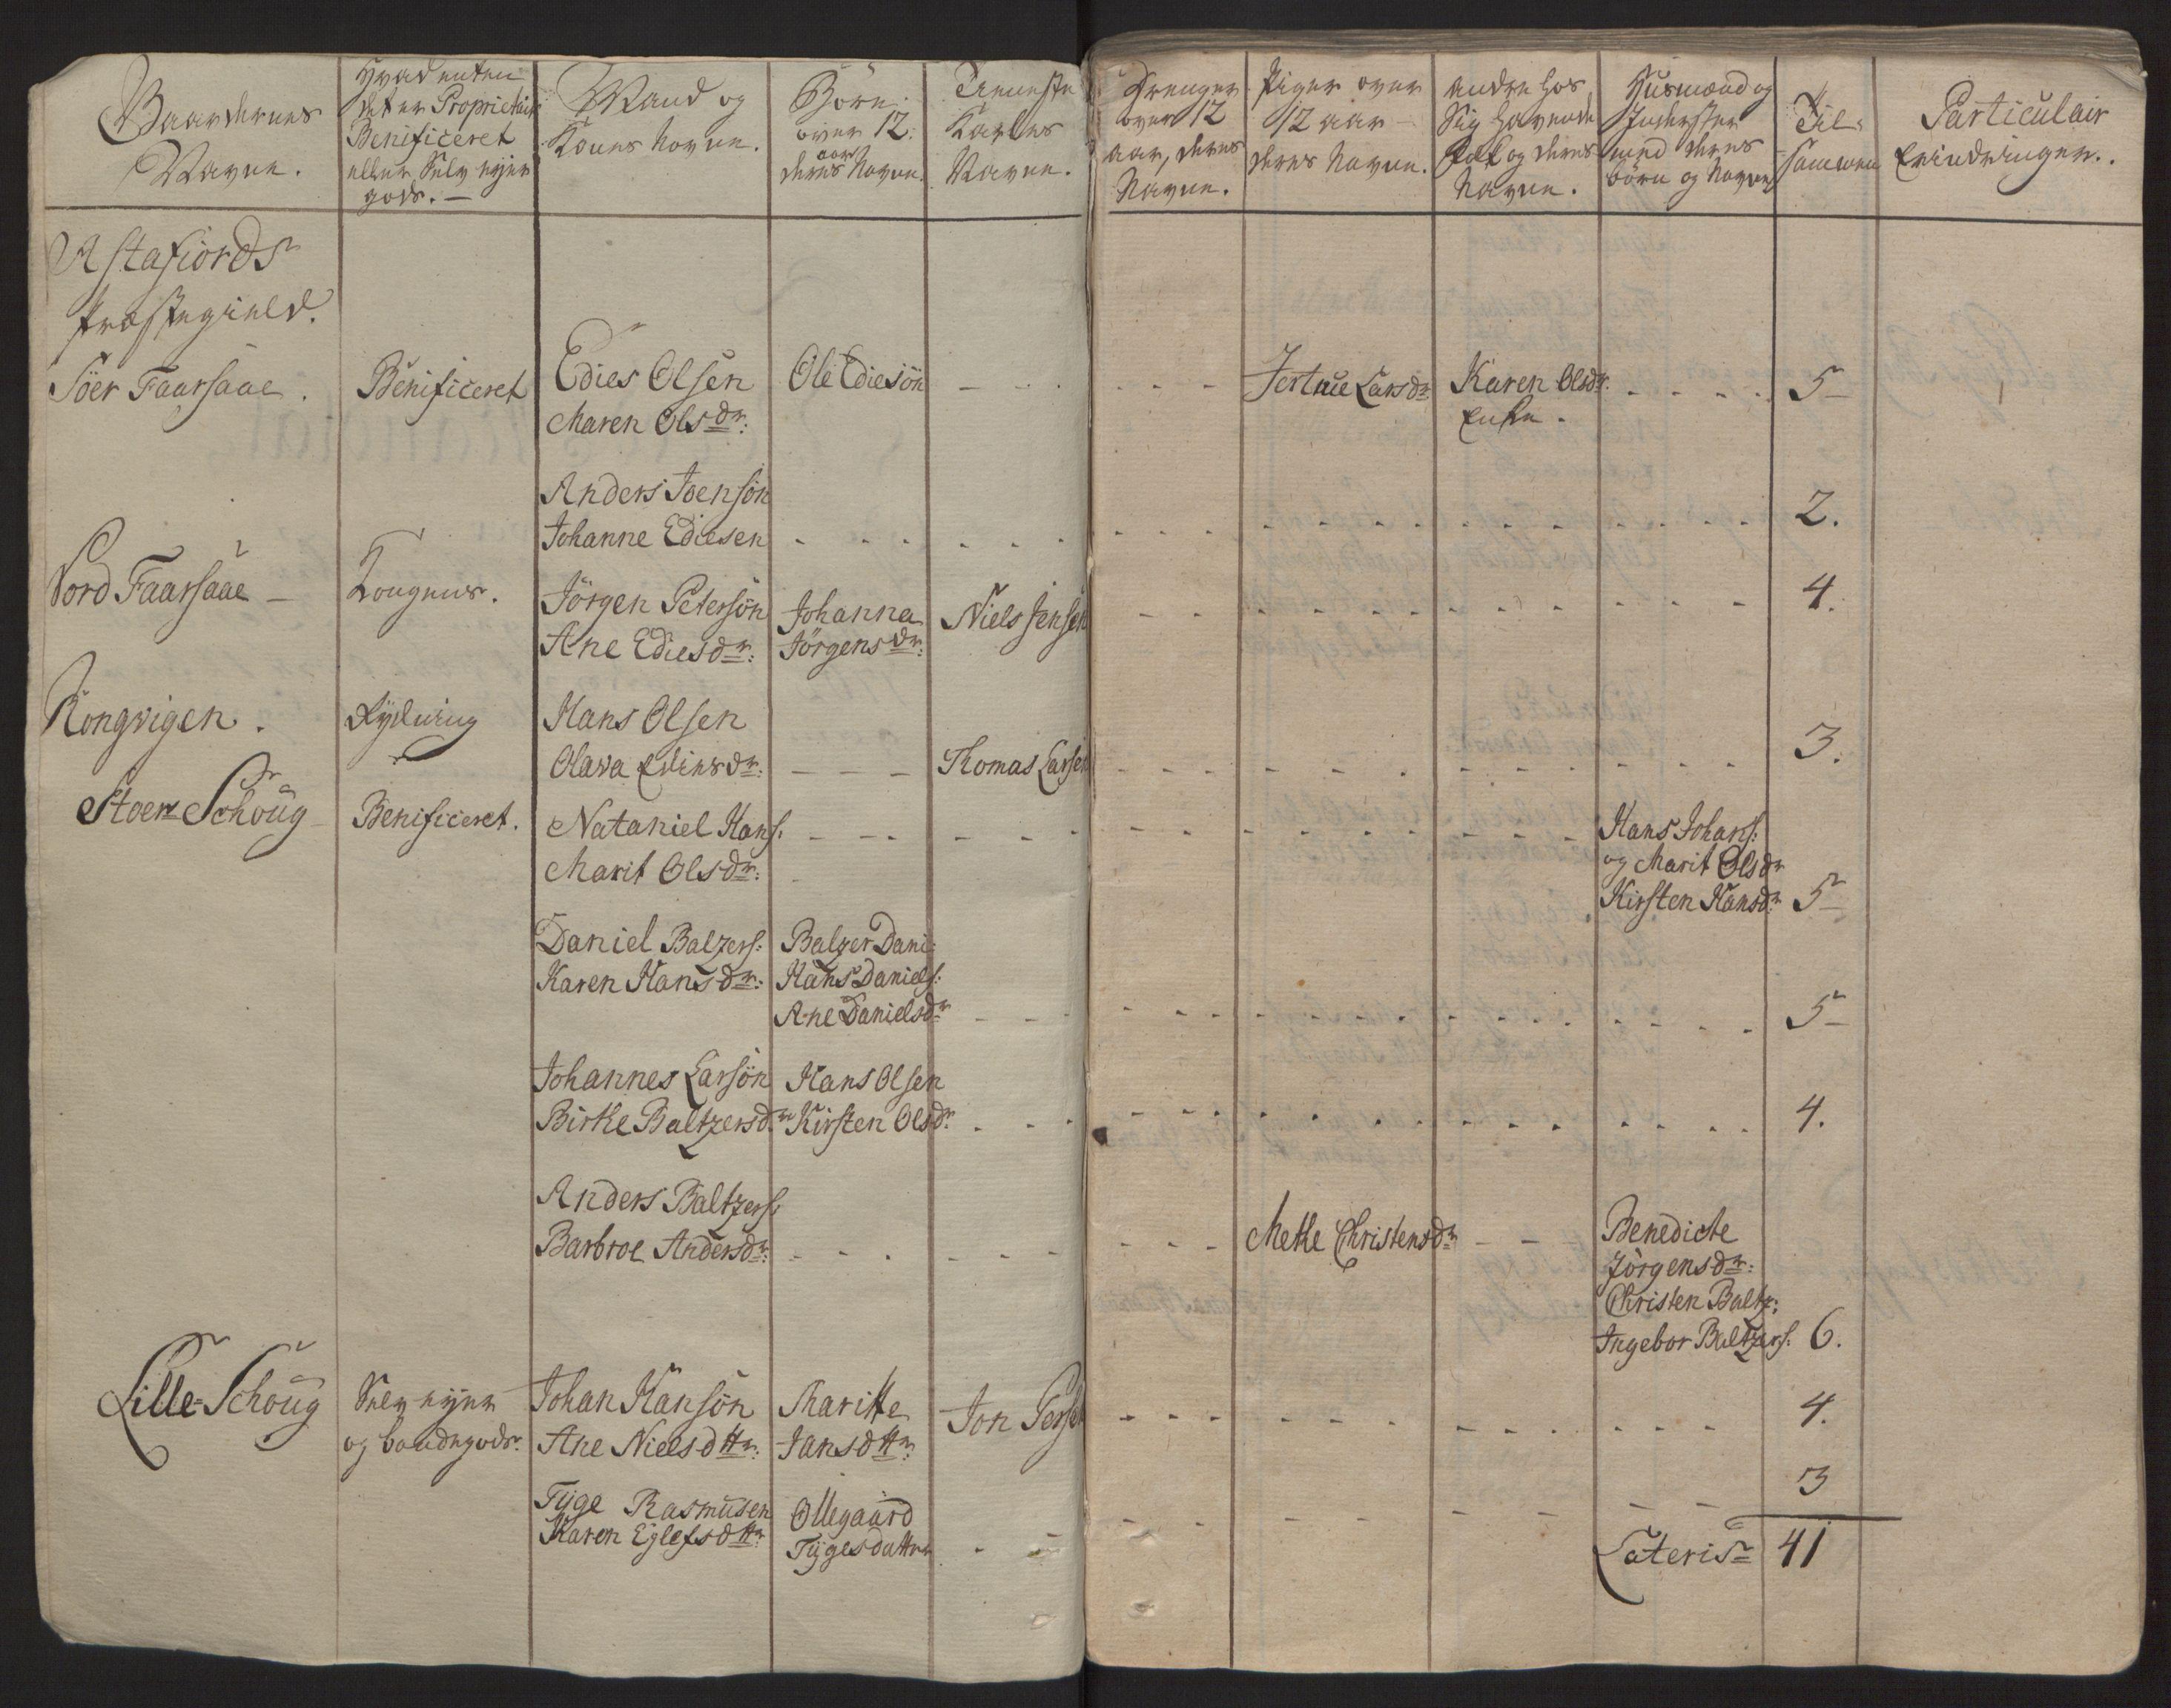 RA, Rentekammeret inntil 1814, Reviderte regnskaper, Fogderegnskap, R68/L4845: Ekstraskatten Senja og Troms, 1762-1765, s. 16